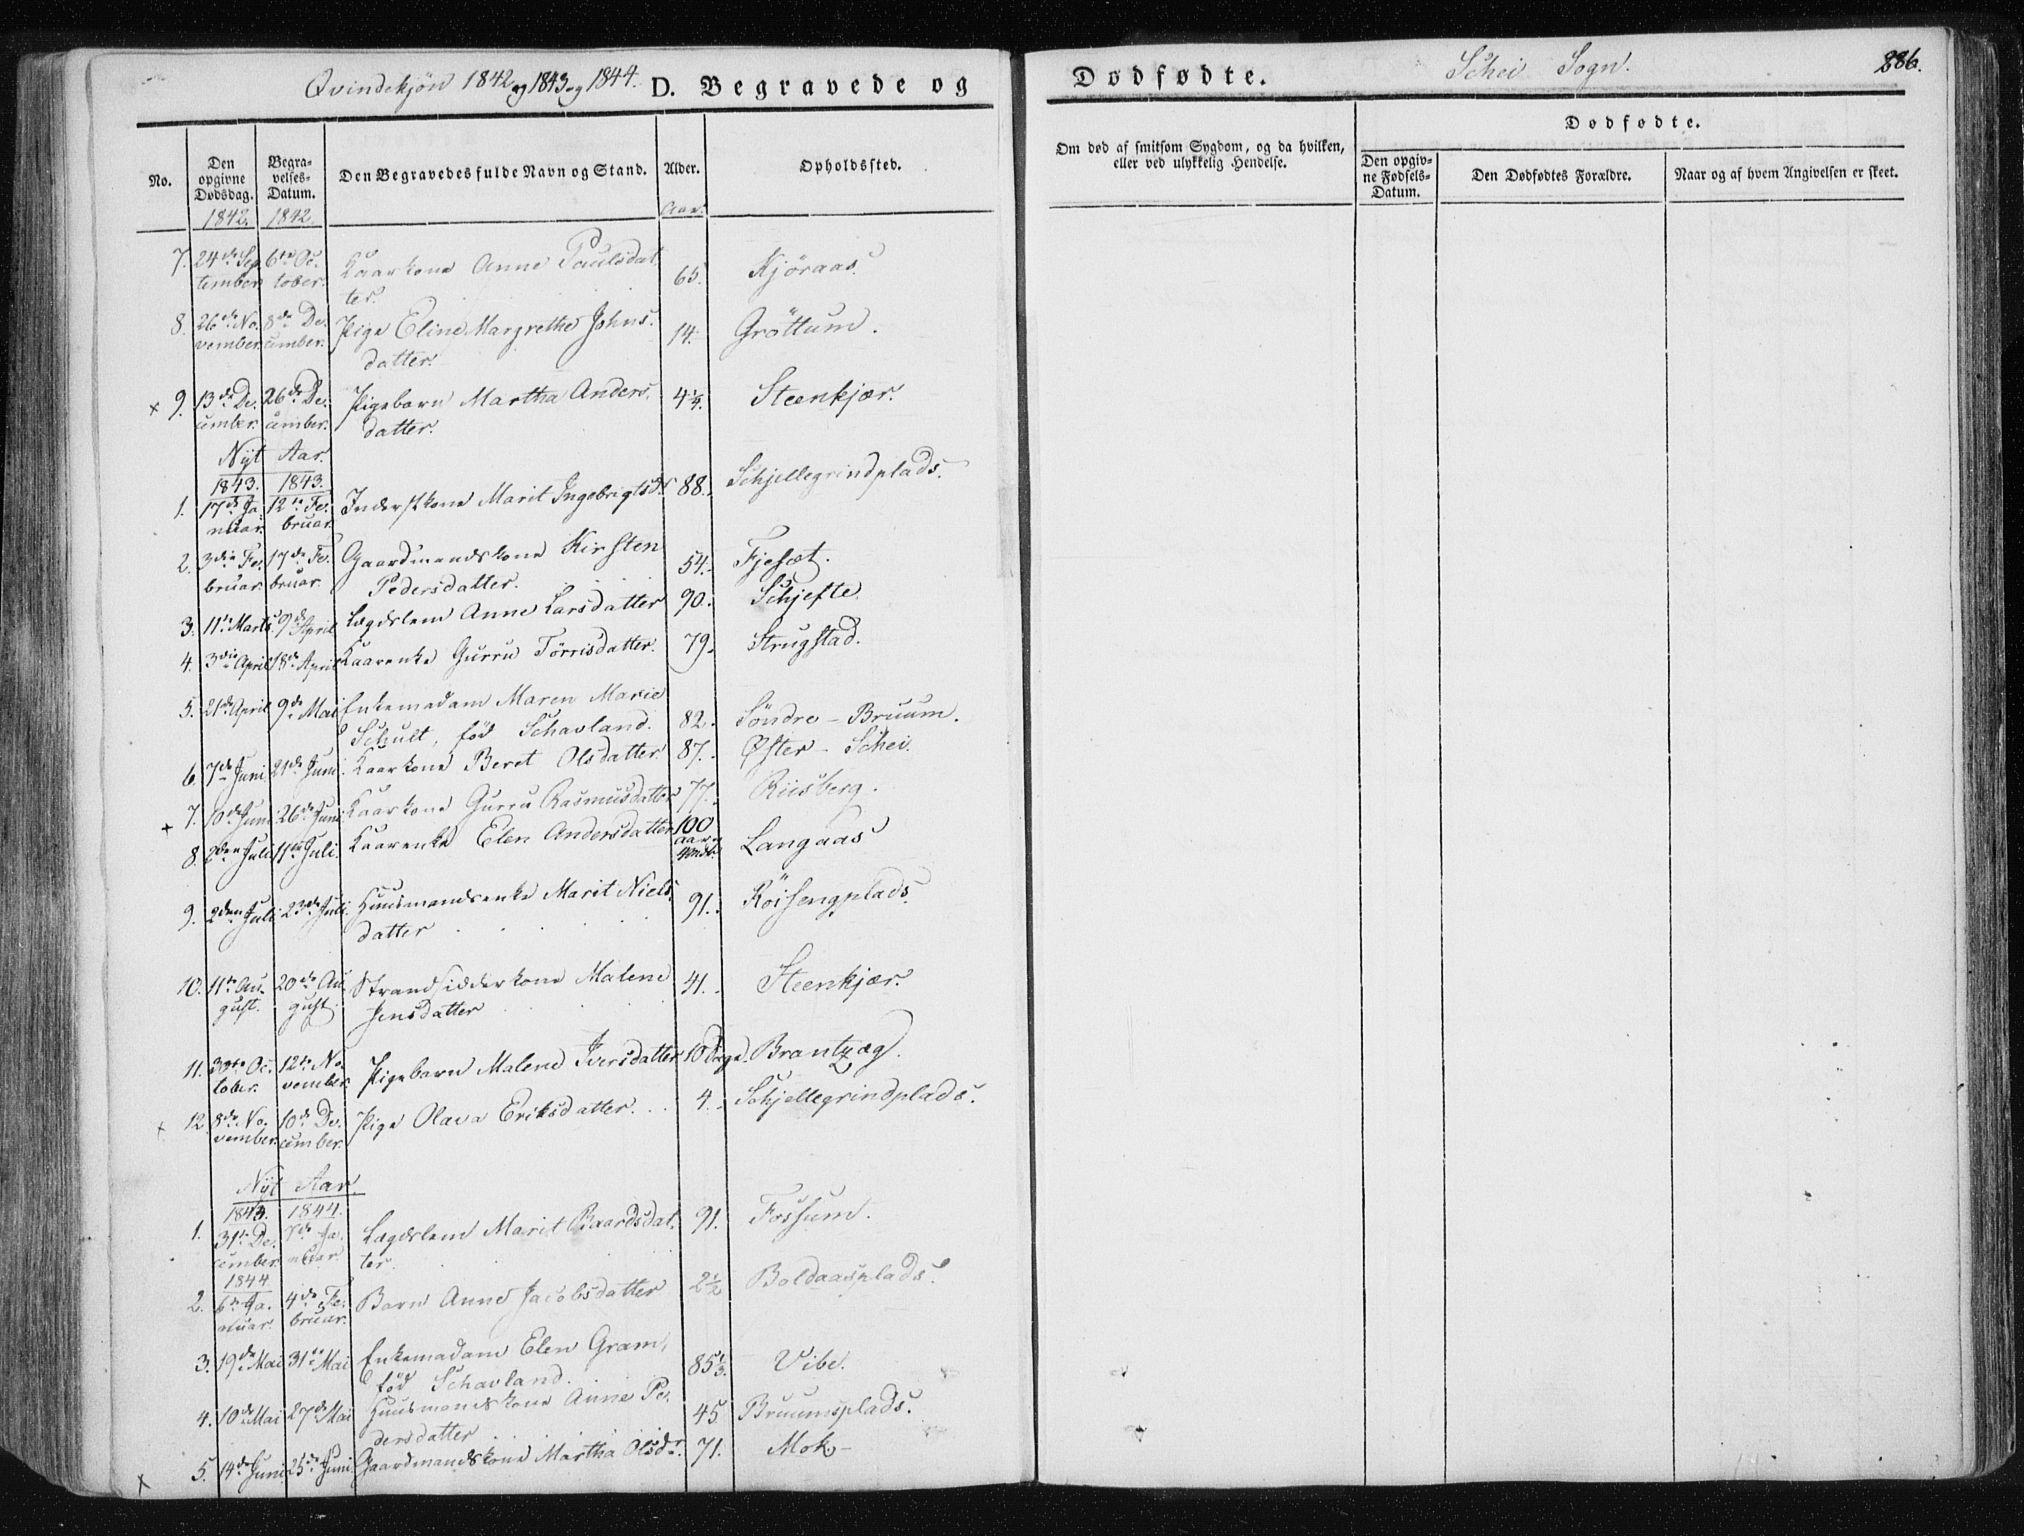 SAT, Ministerialprotokoller, klokkerbøker og fødselsregistre - Nord-Trøndelag, 735/L0339: Ministerialbok nr. 735A06 /2, 1836-1848, s. 286